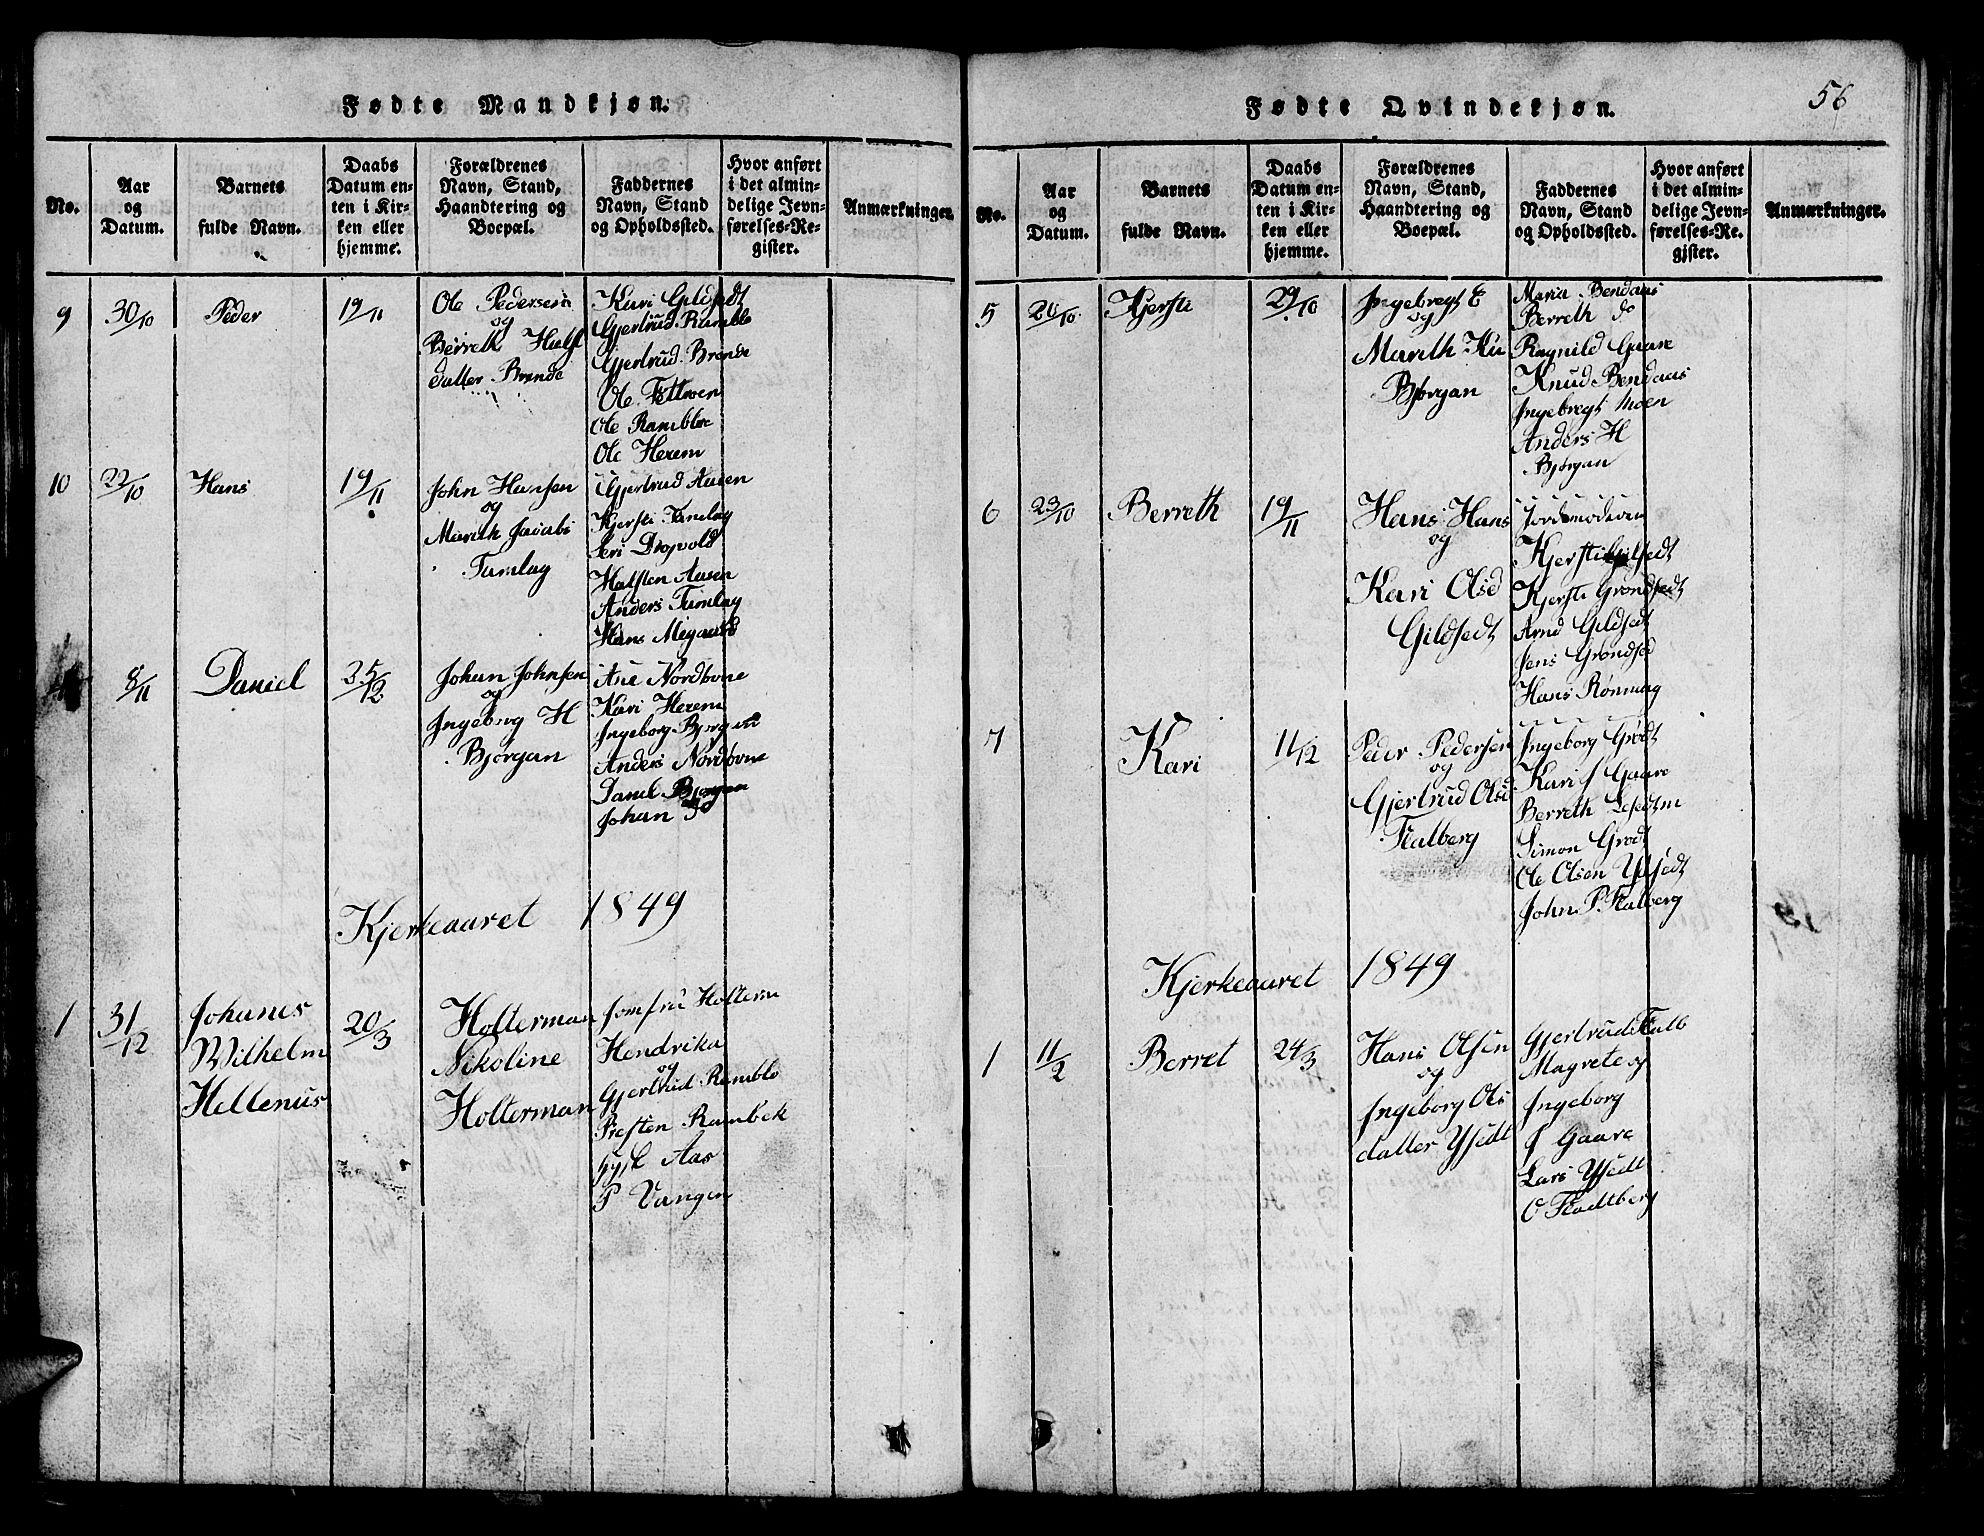 SAT, Ministerialprotokoller, klokkerbøker og fødselsregistre - Sør-Trøndelag, 685/L0976: Klokkerbok nr. 685C01, 1817-1878, s. 56